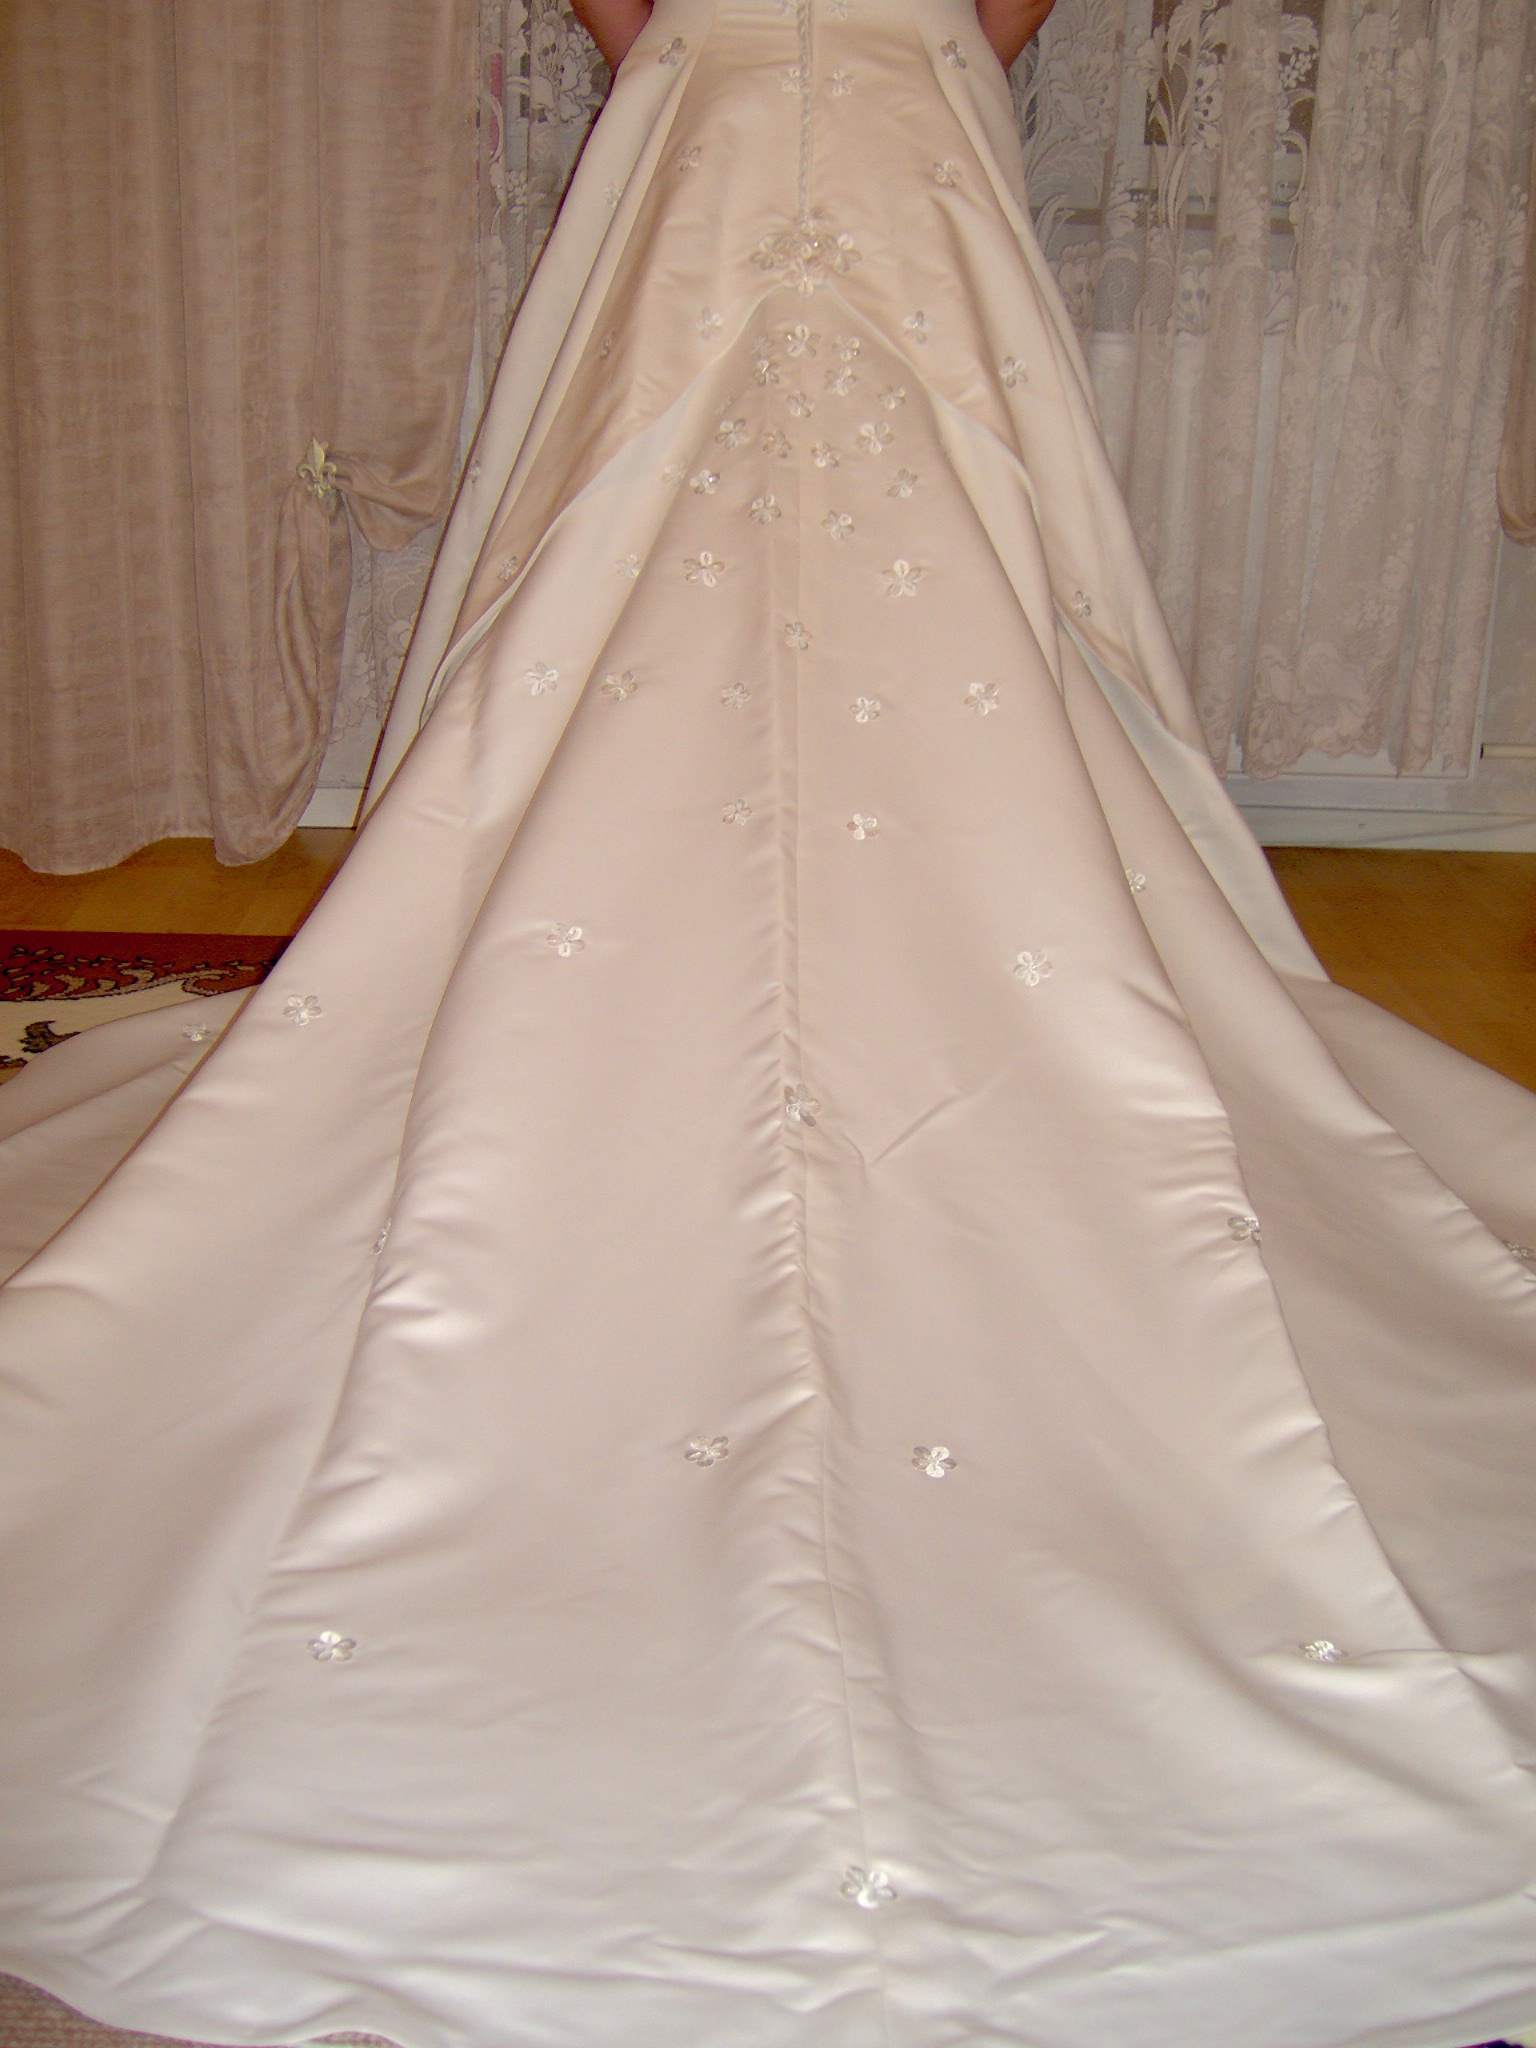 Wunderschönes Brautkleid | Brautkleid Verkaufen